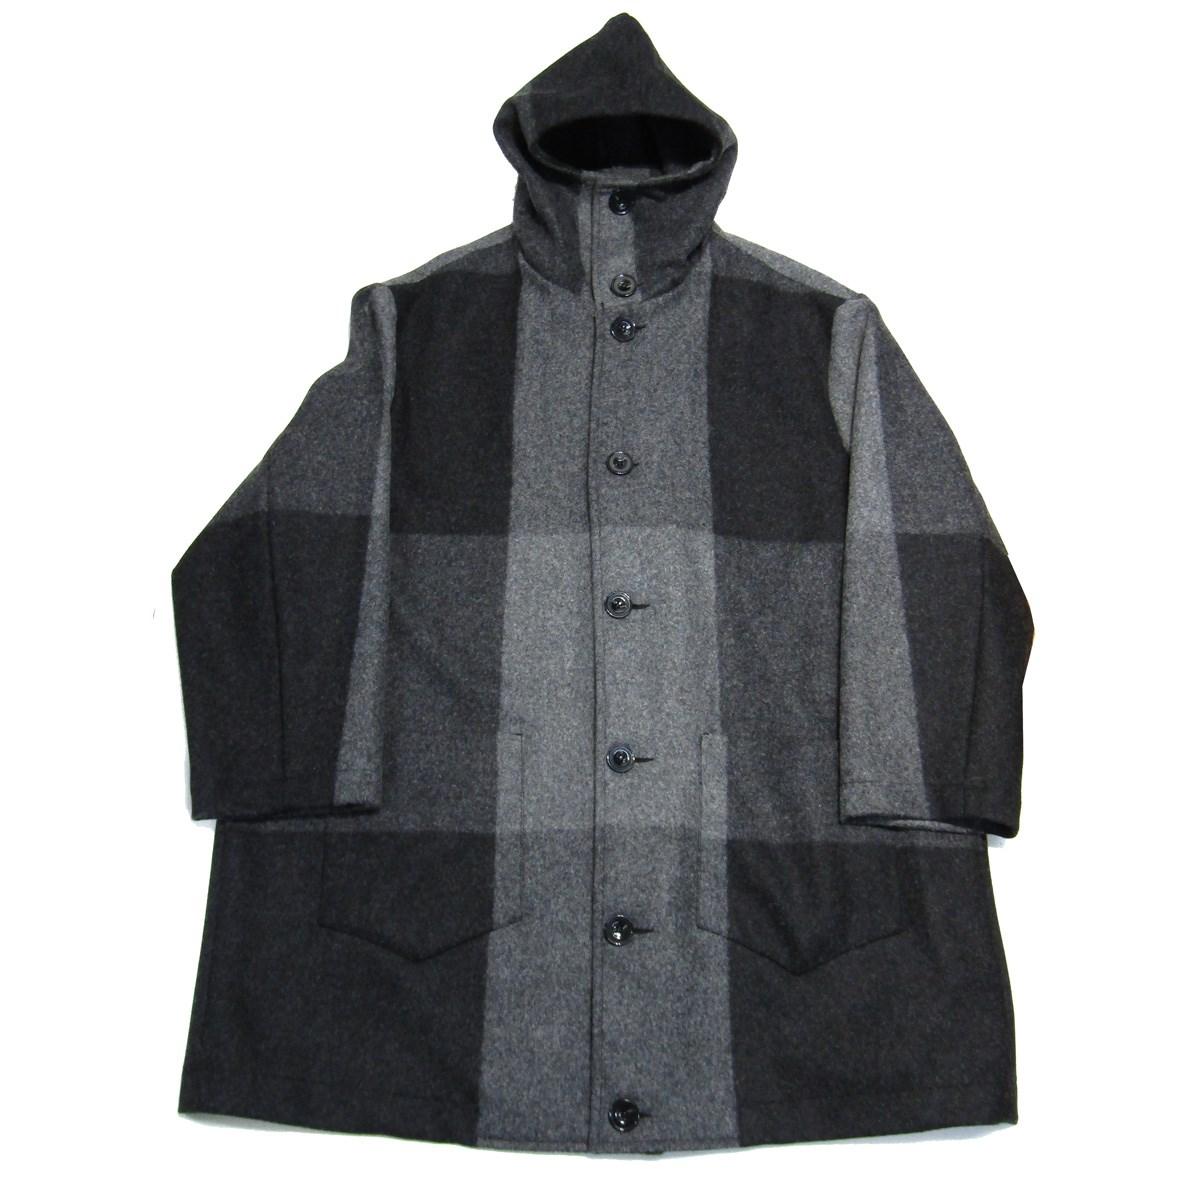 【中古】CINI HOODIE OVER COAT フードオーバーコート グレー 【010520】(チーニ)